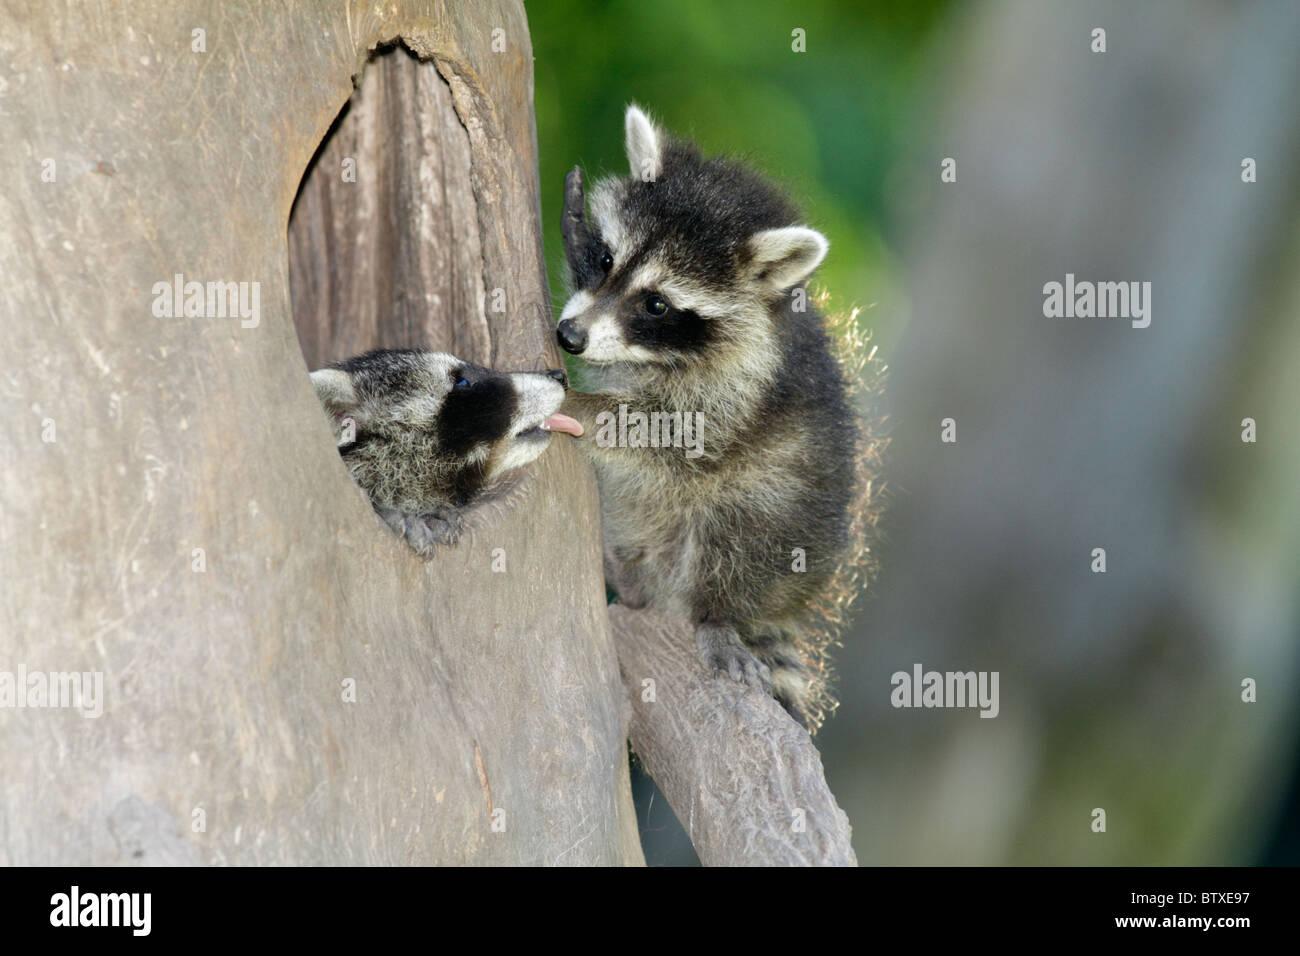 Le raton laveur (Procyon lotor), deux bébés animaux jouer à den entrée privée, Allemagne Photo Stock